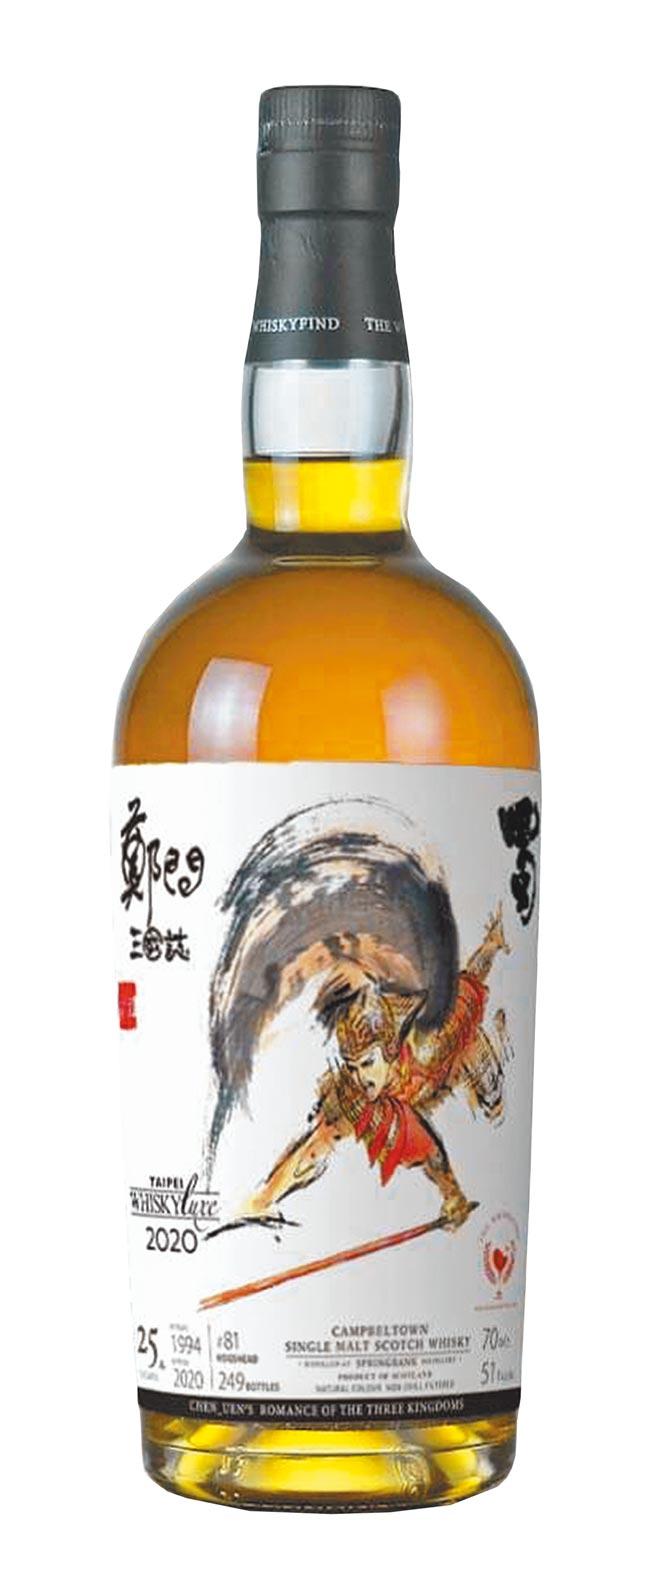 三國誌系列趙雲以Springbank雲頂酒廠裝瓶,酒齡高達25年。(WHISKYFIND提供)飲酒過量 有礙健康